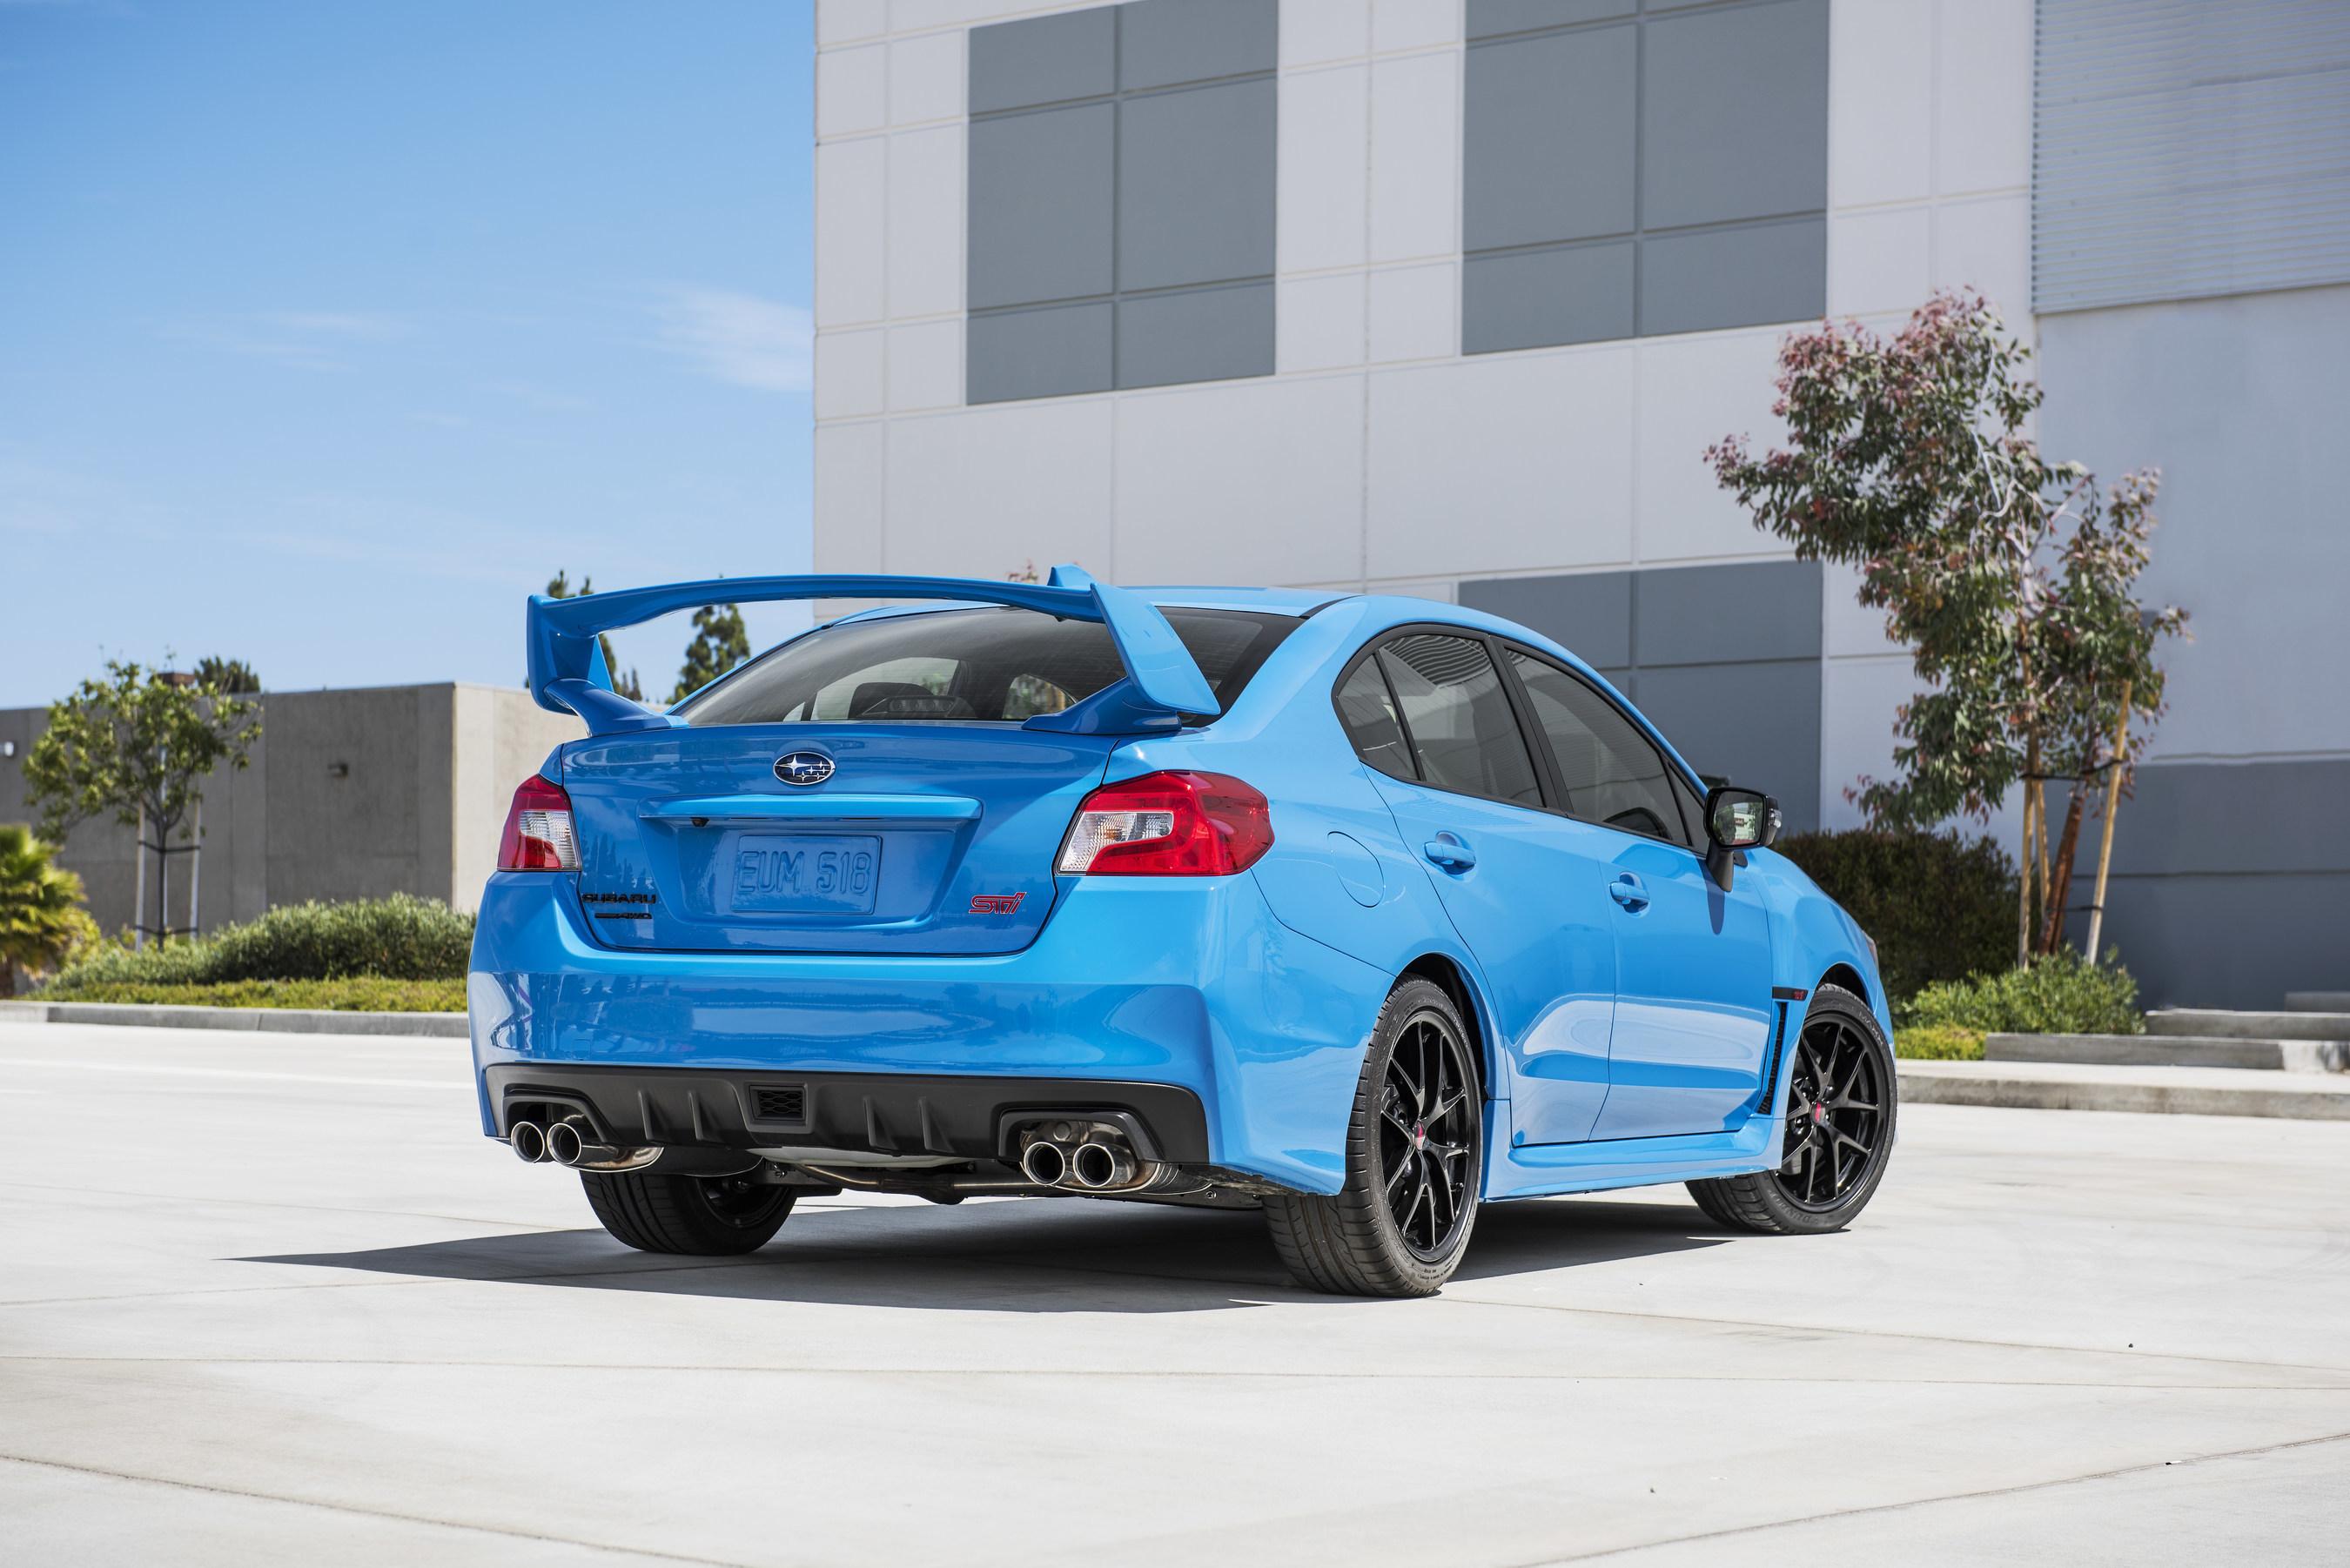 2016 Subaru Series.HyperBlue WRX STI